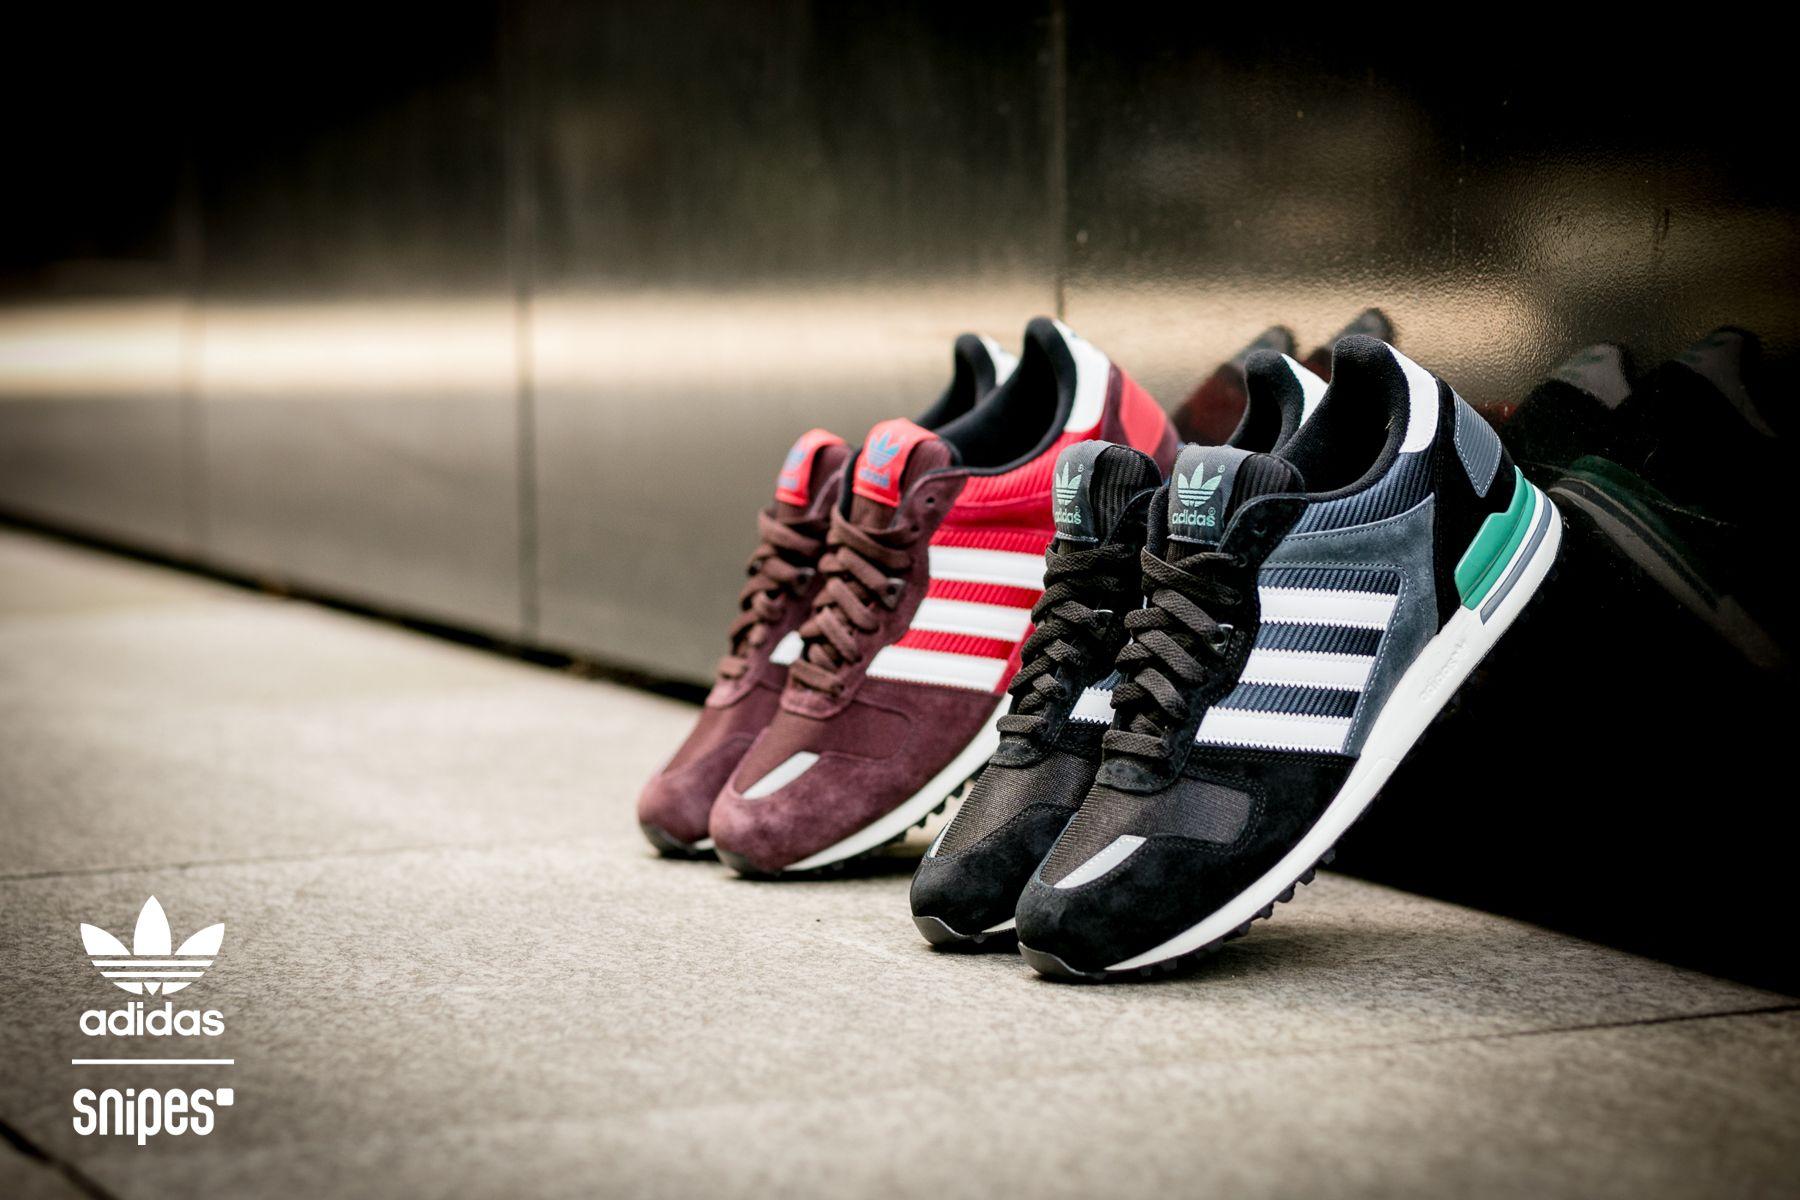 wholesale dealer dedca de8a0 Adidas Yeezy Preis Snipes   adidas yeezy boost 350 v2 blue ...